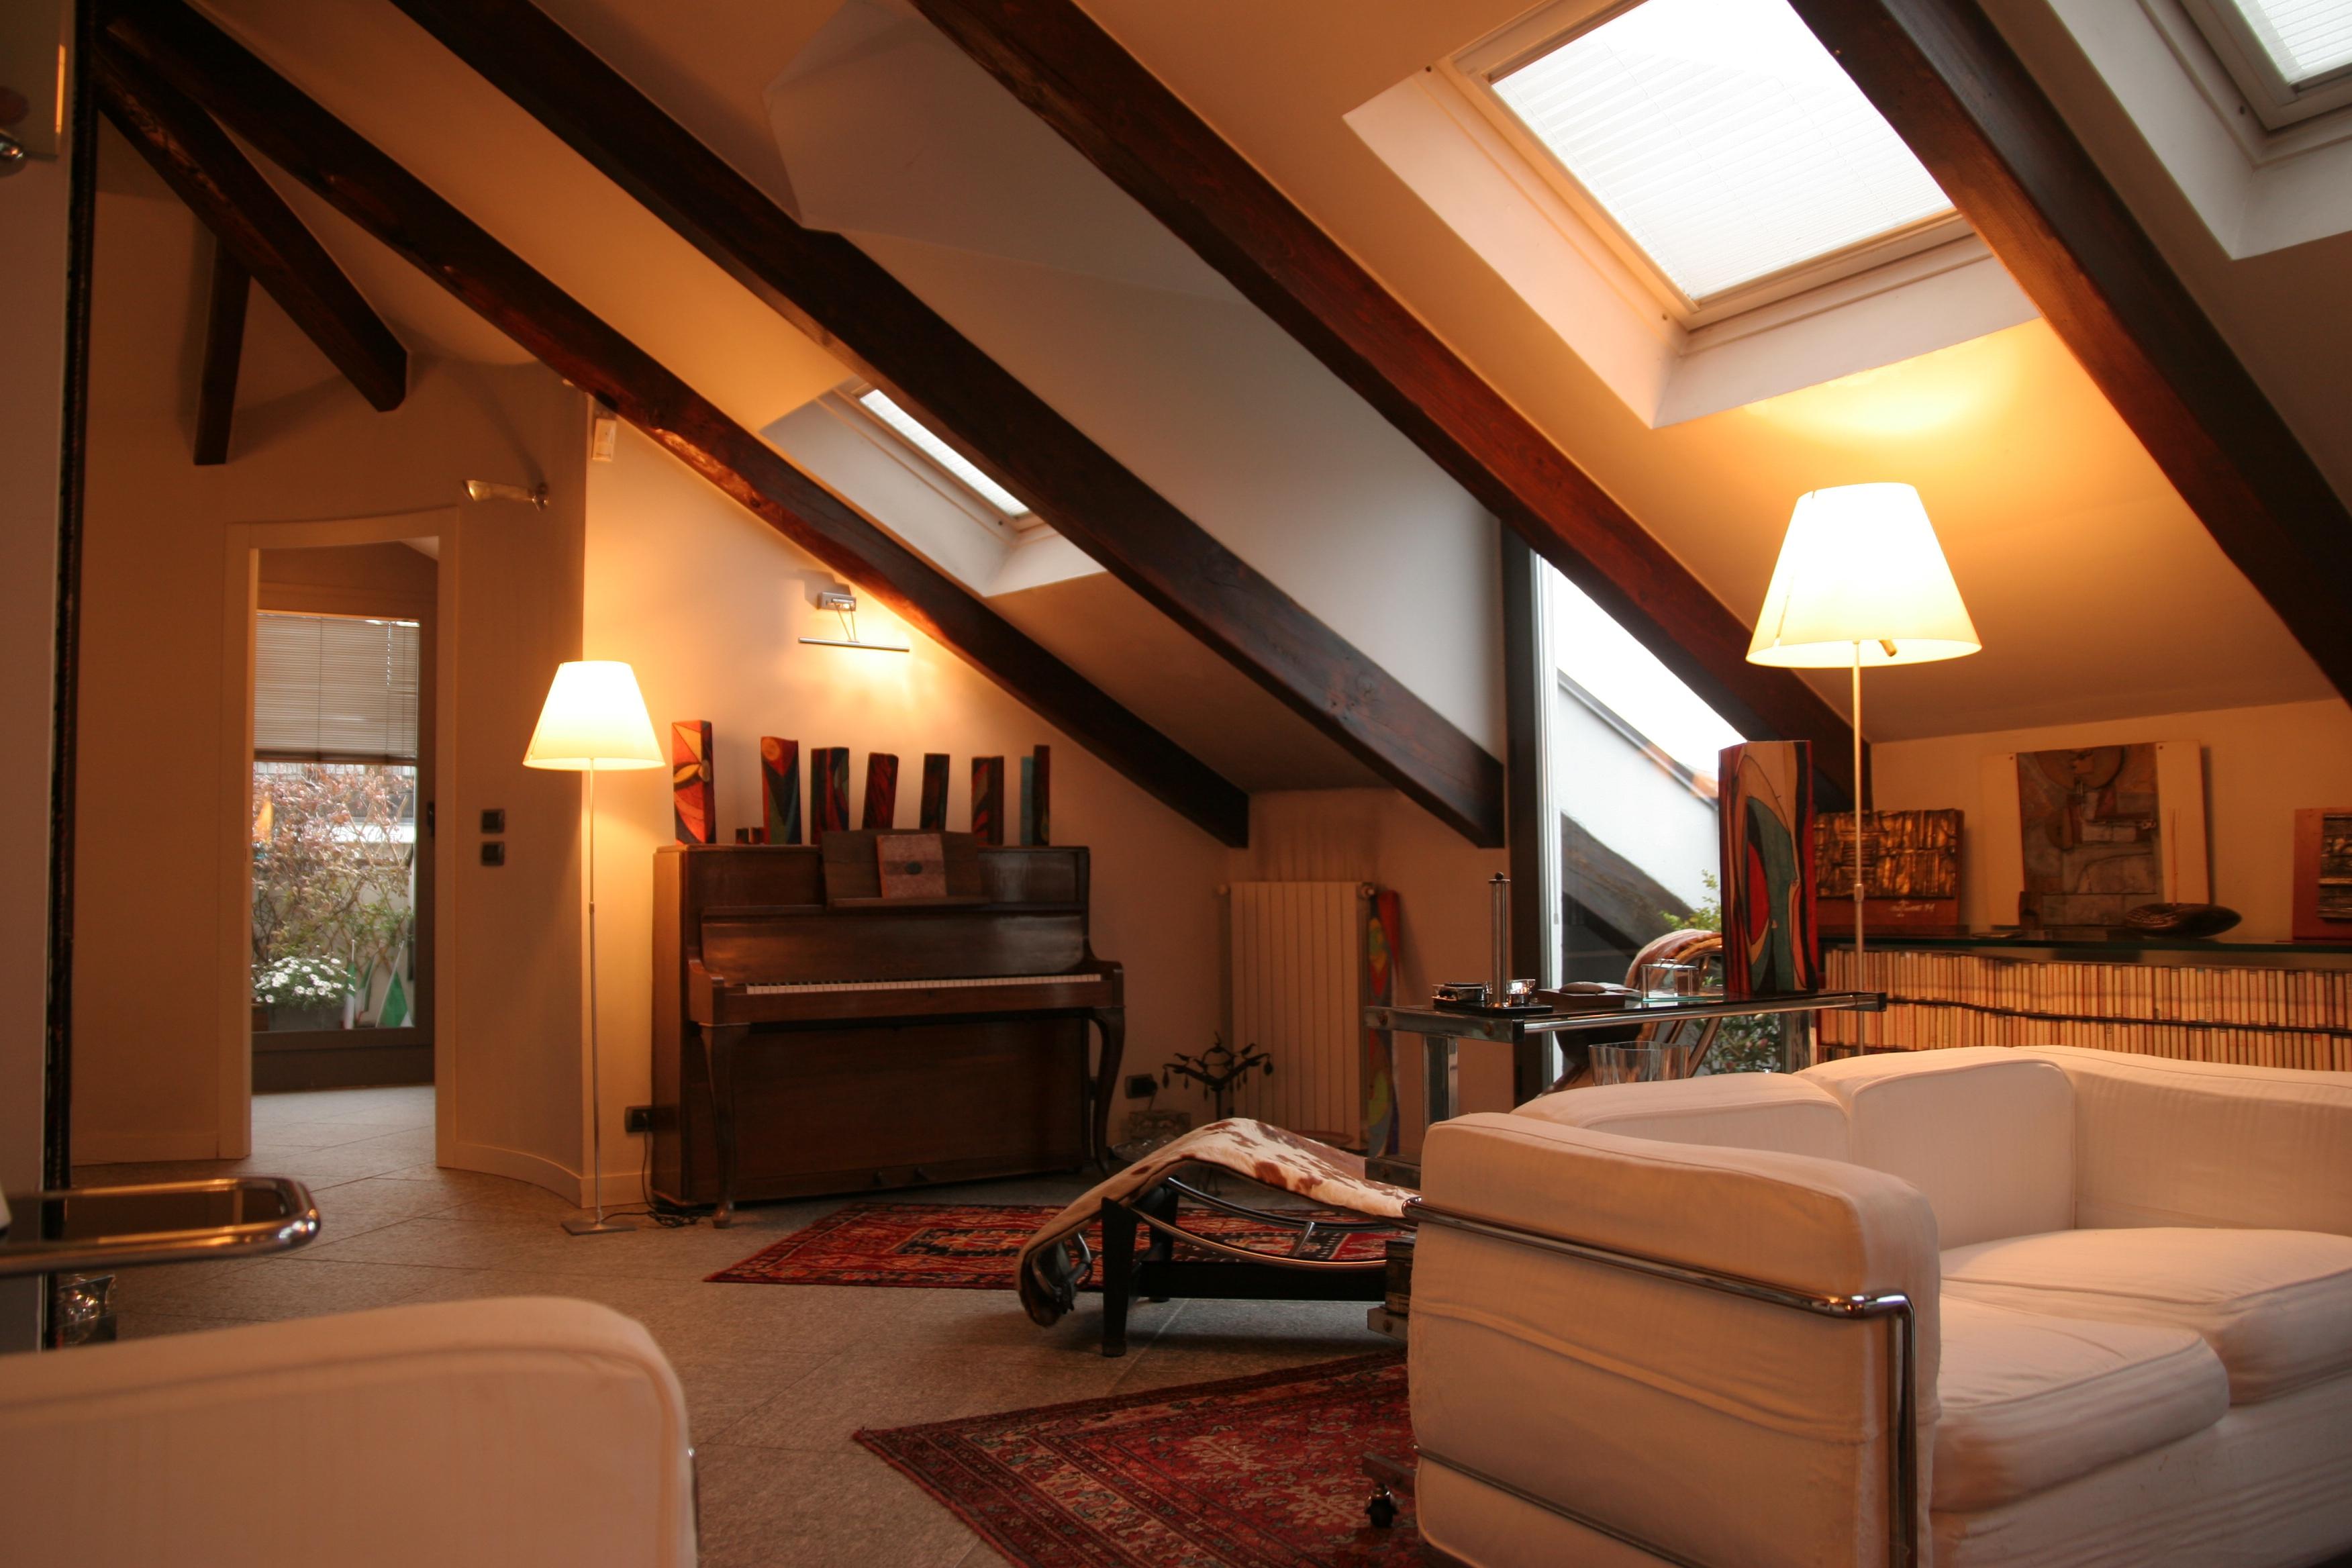 Vivere in una mansarda a torino foto della ristrutturazione - Quanto costa un architetto per ristrutturare casa ...